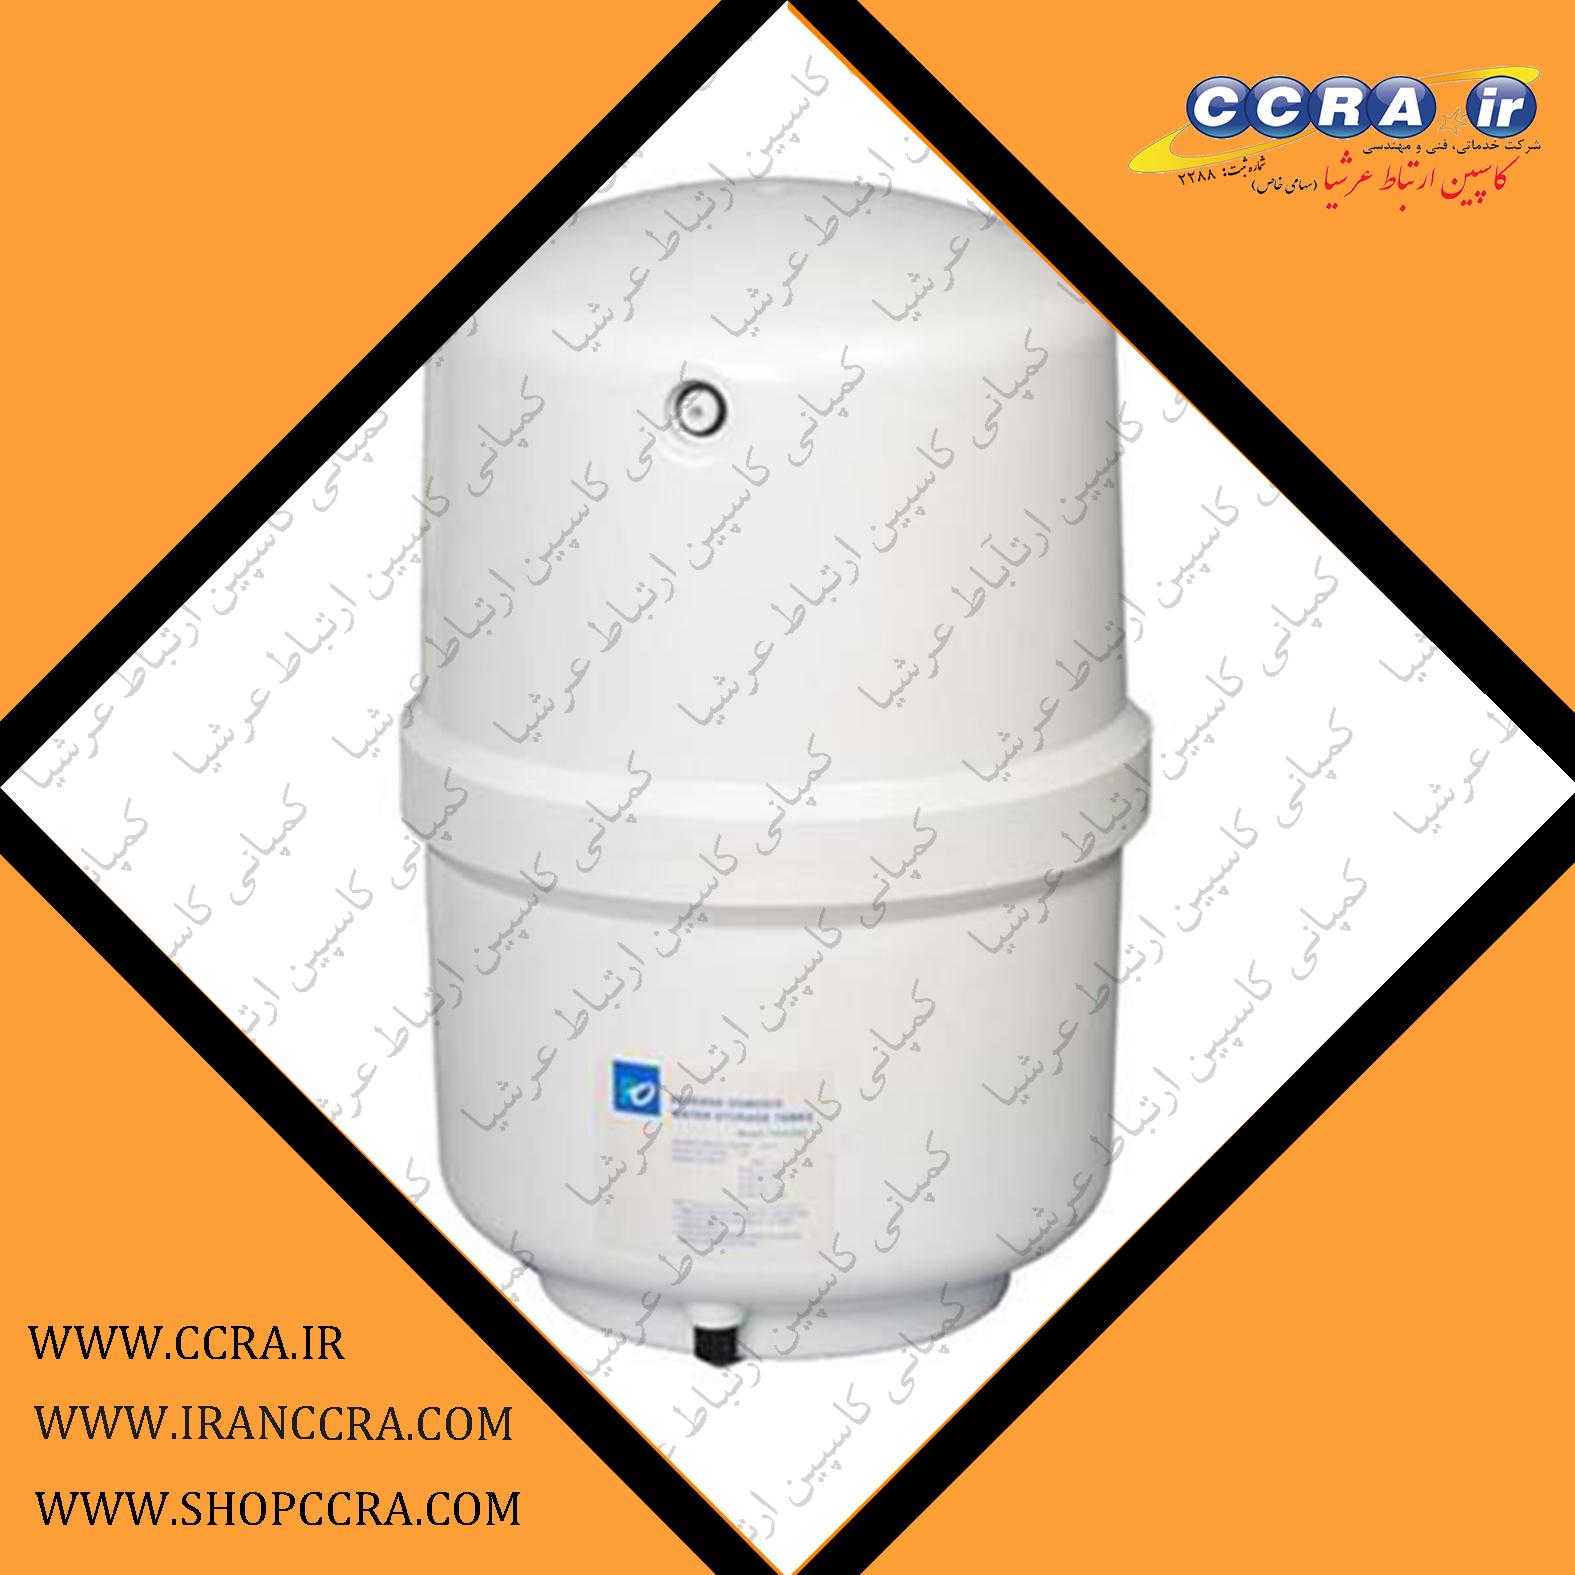 مخزن ذخیره آب دستگاه تصفیه آب آکوا کلیین